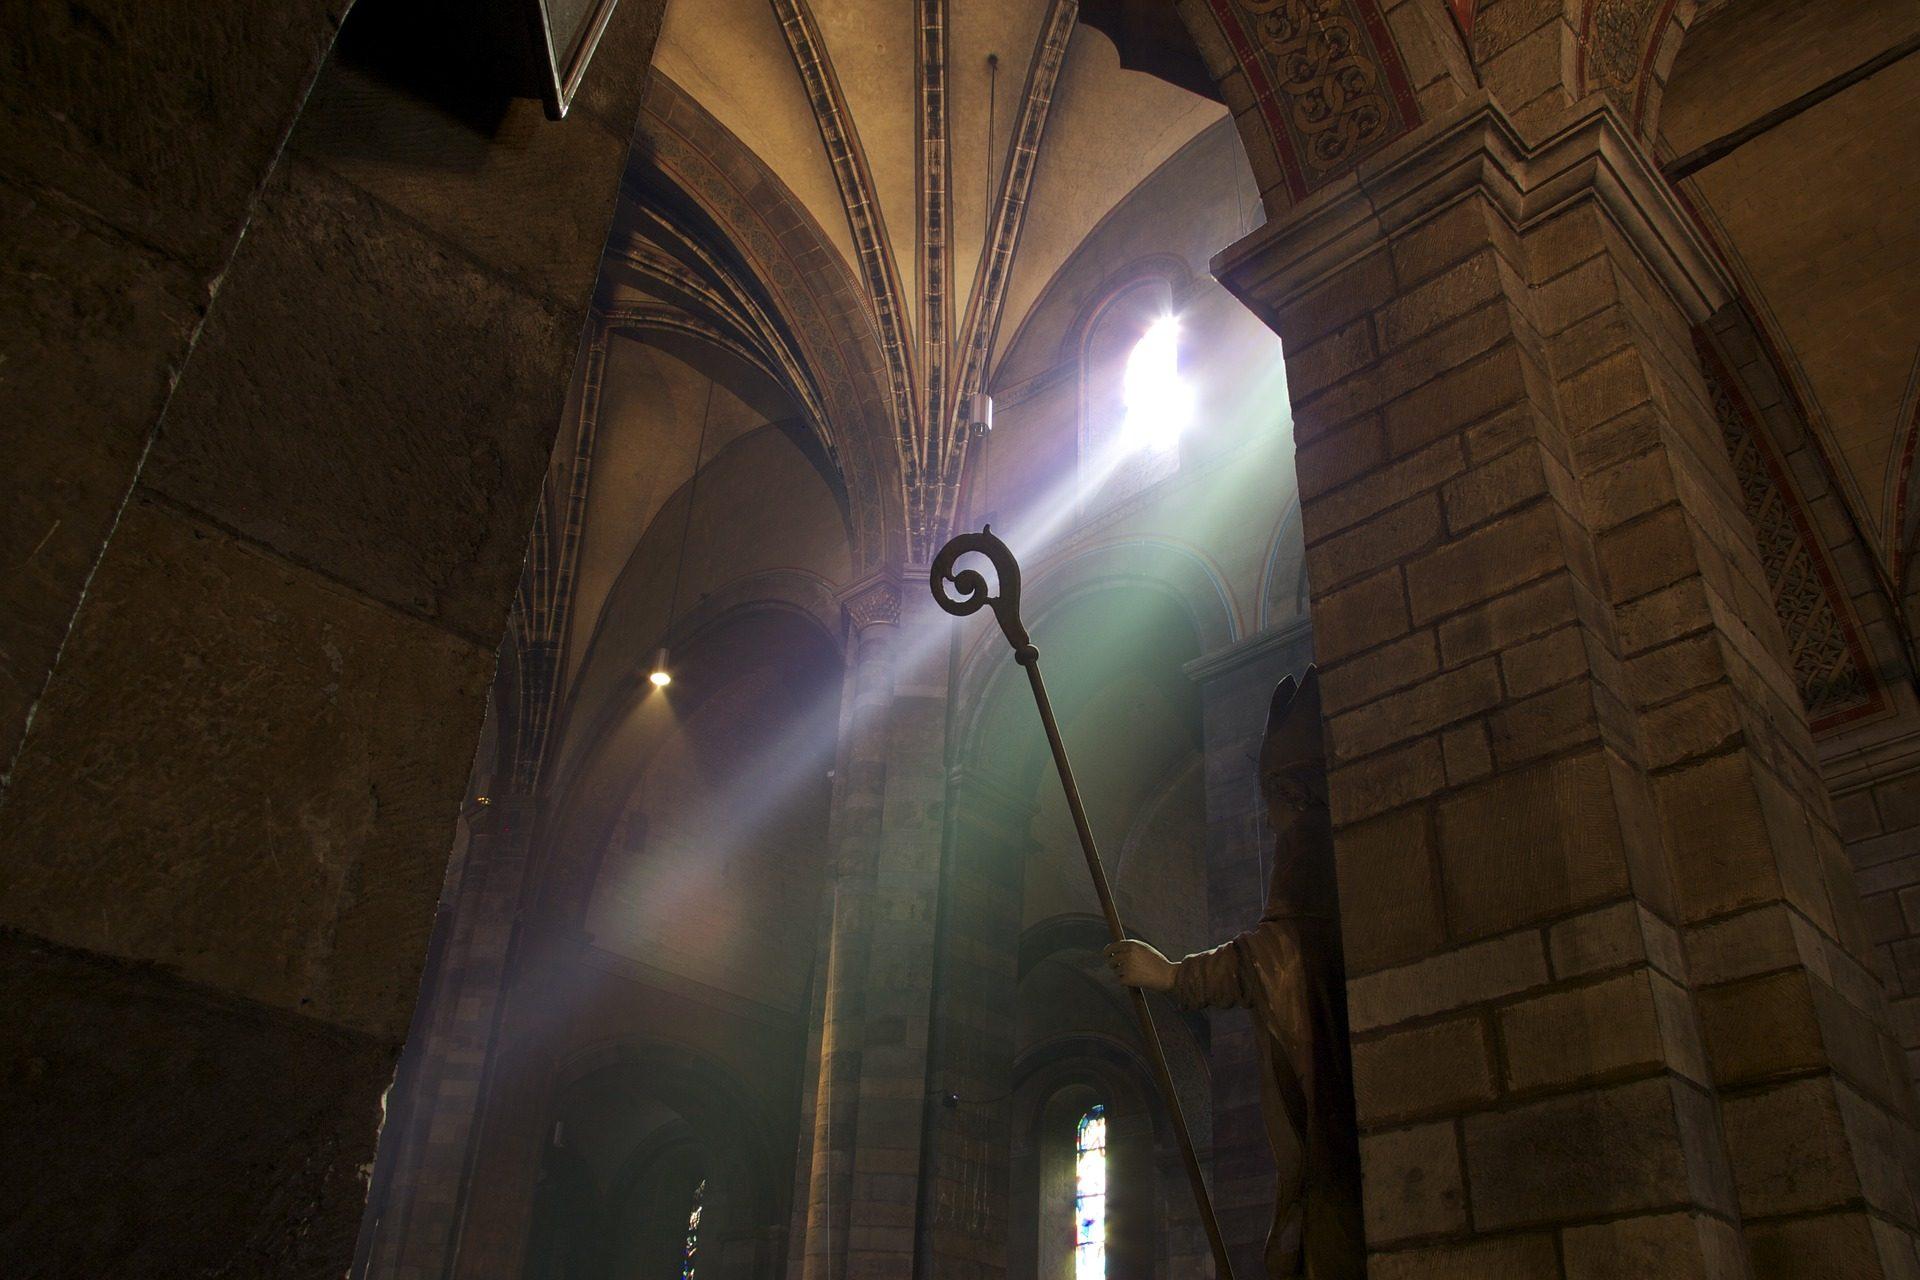 चर्च, कैथेड्रल, सना हुआ ग्लास, प्रकाश, रंगीन - HD वॉलपेपर - प्रोफेसर-falken.com